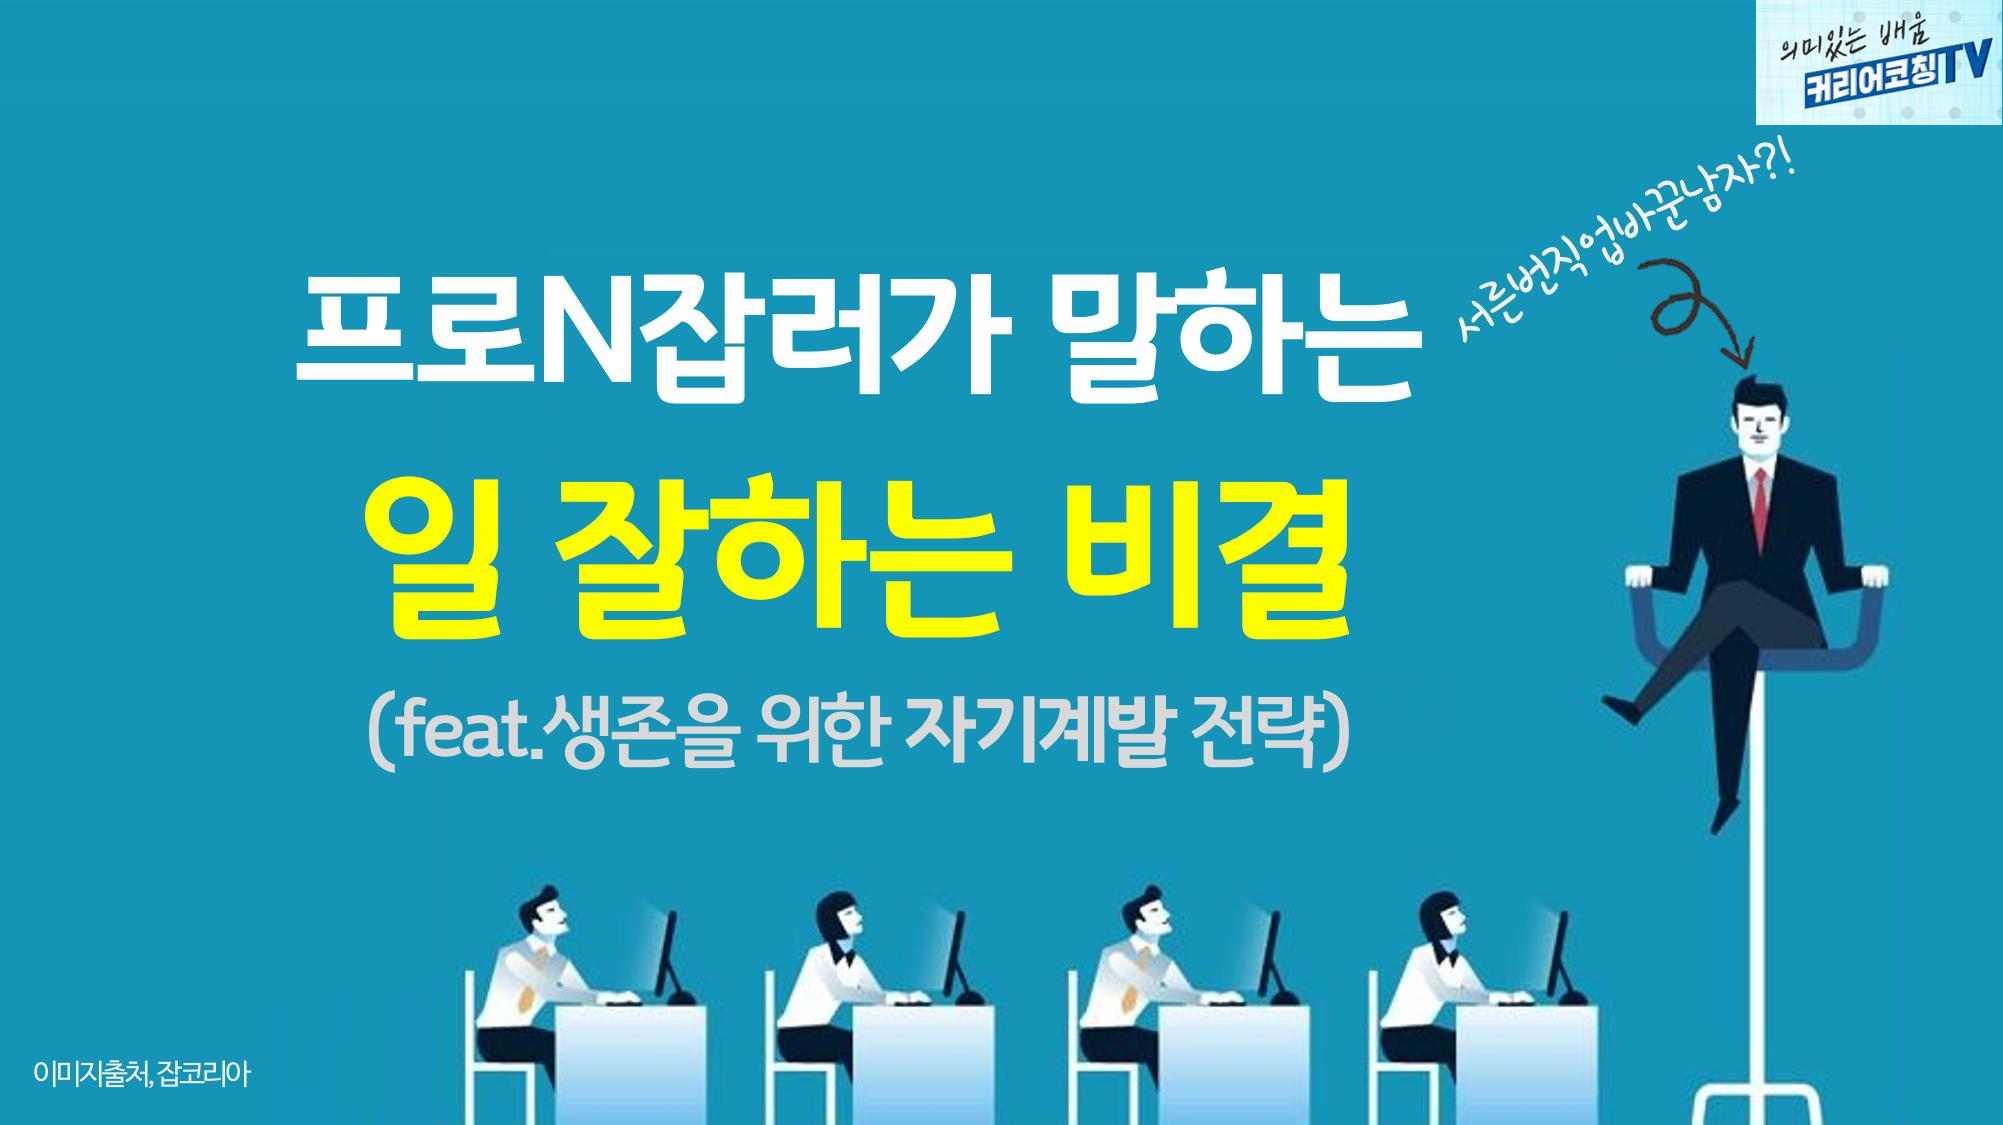 프로N잡러의 일 잘하는 비법(feat.생존과 성장을 위한 자기계발 전략)